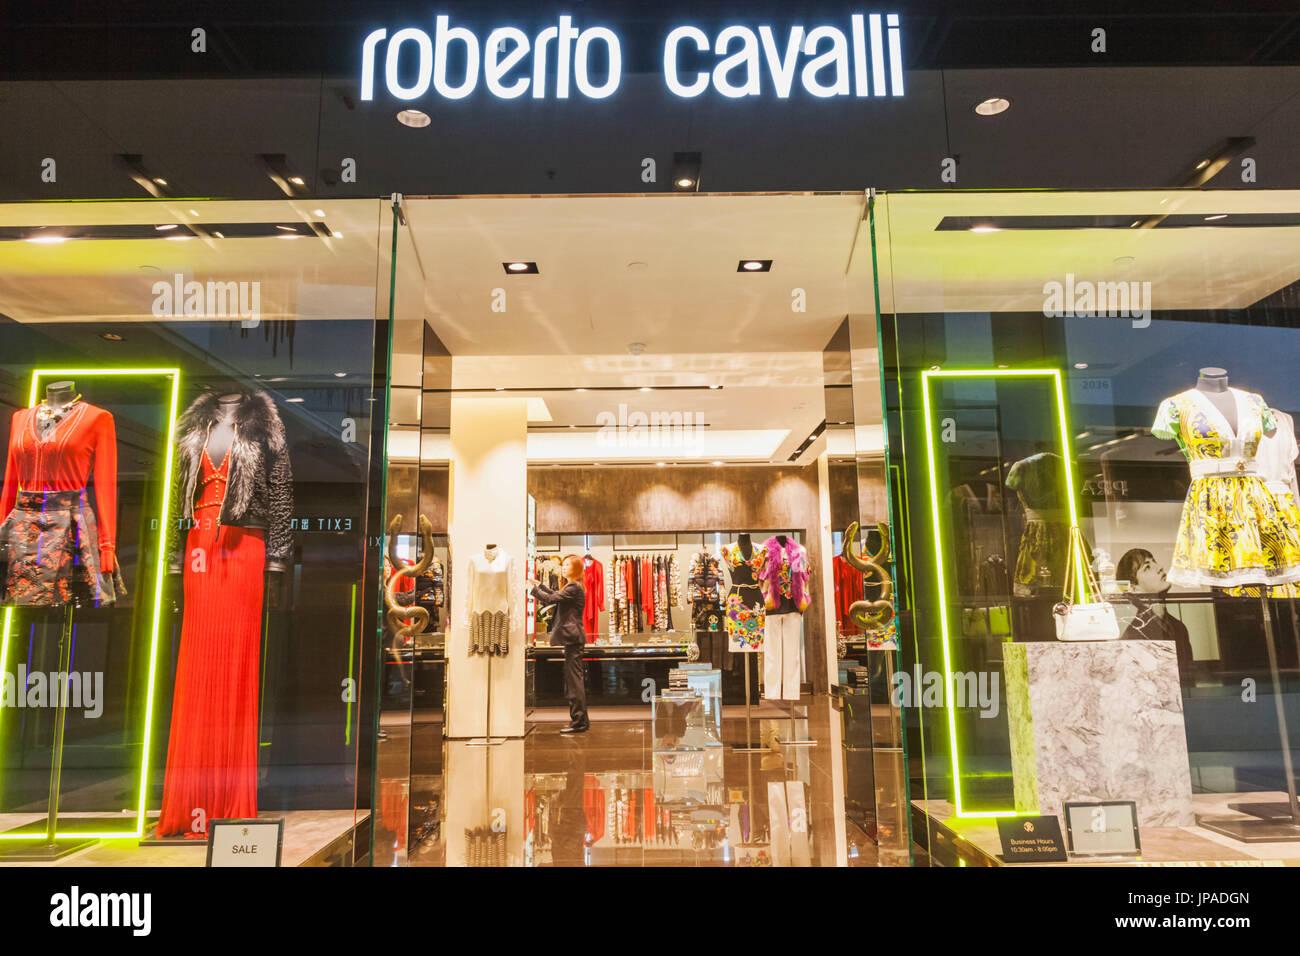 China, Hong Kong, Central, IFC Shopping Mall, Roberto Cavalli Store Stock Photo